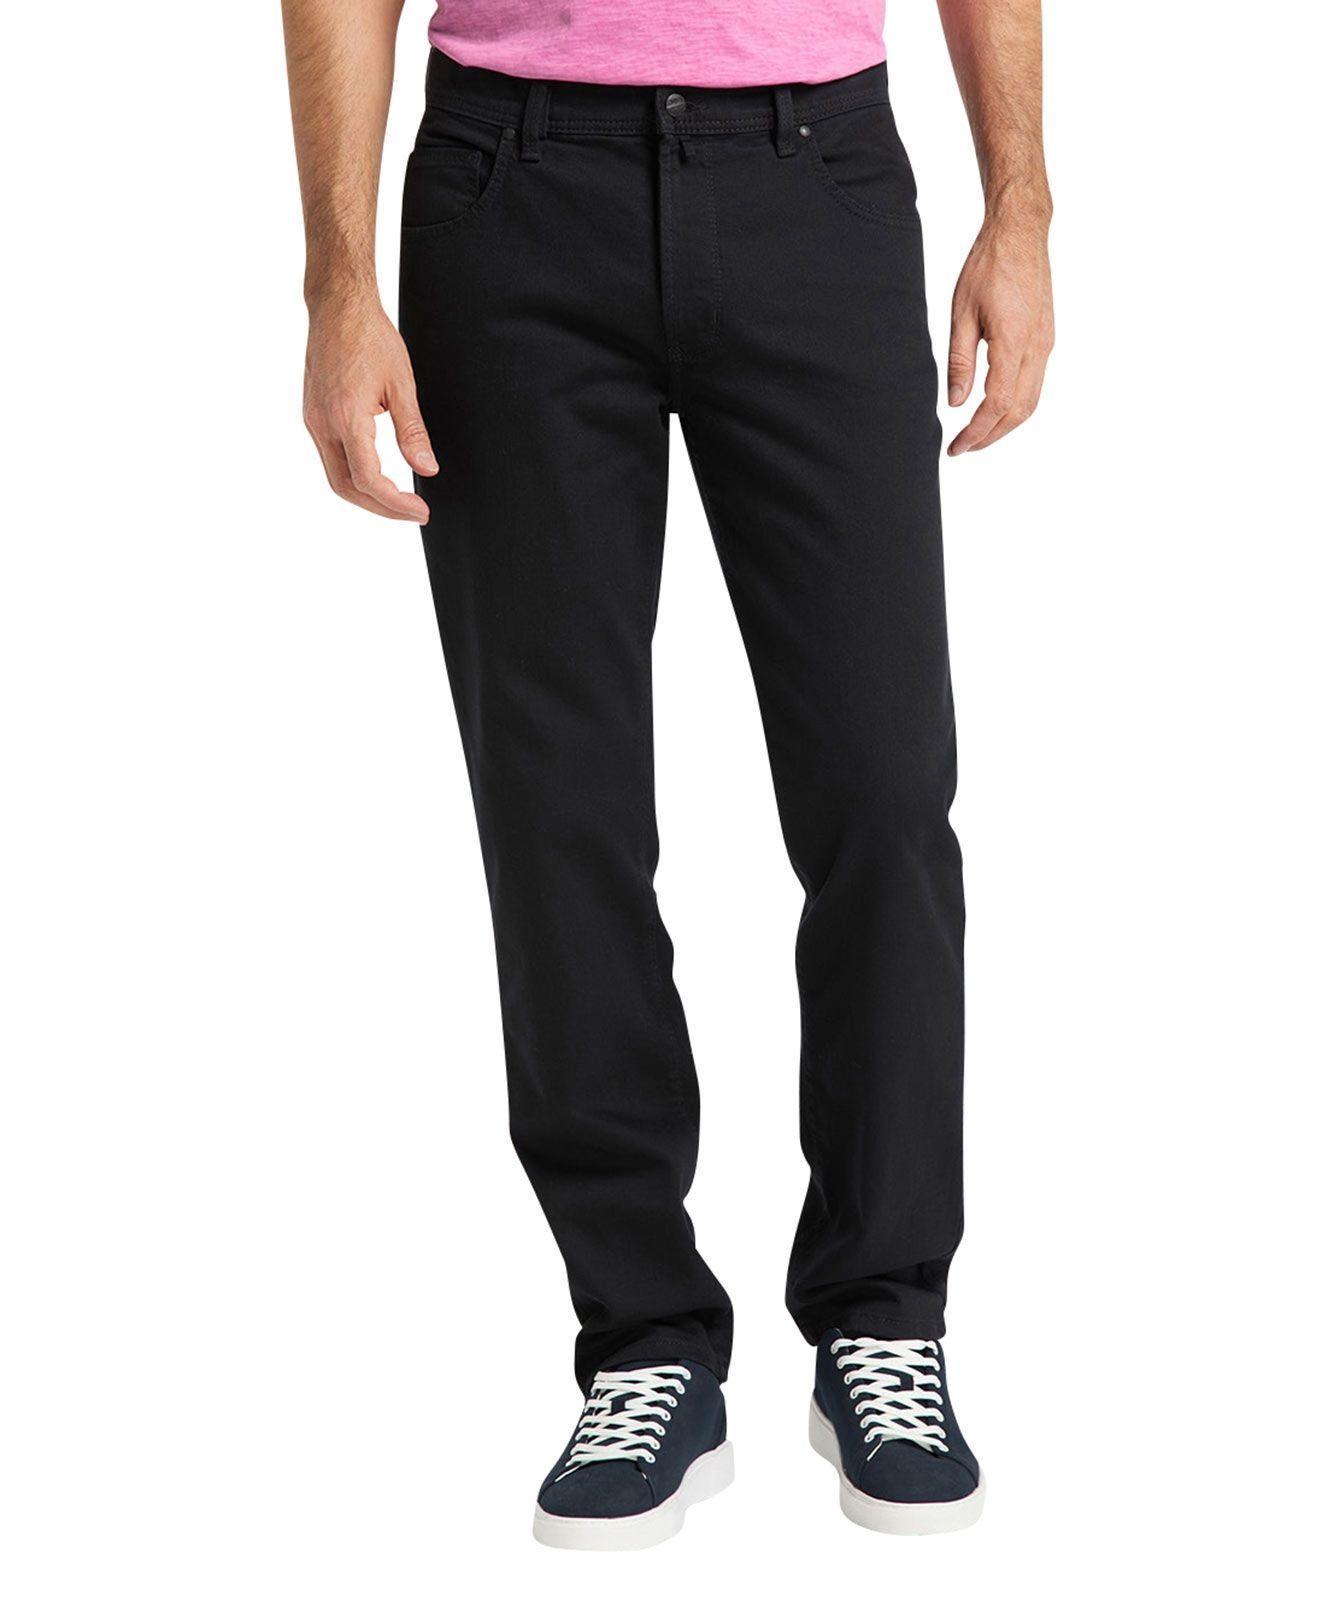 Pioneer Herren Jeans Peter in Schwarz | Herren jeans, Levis